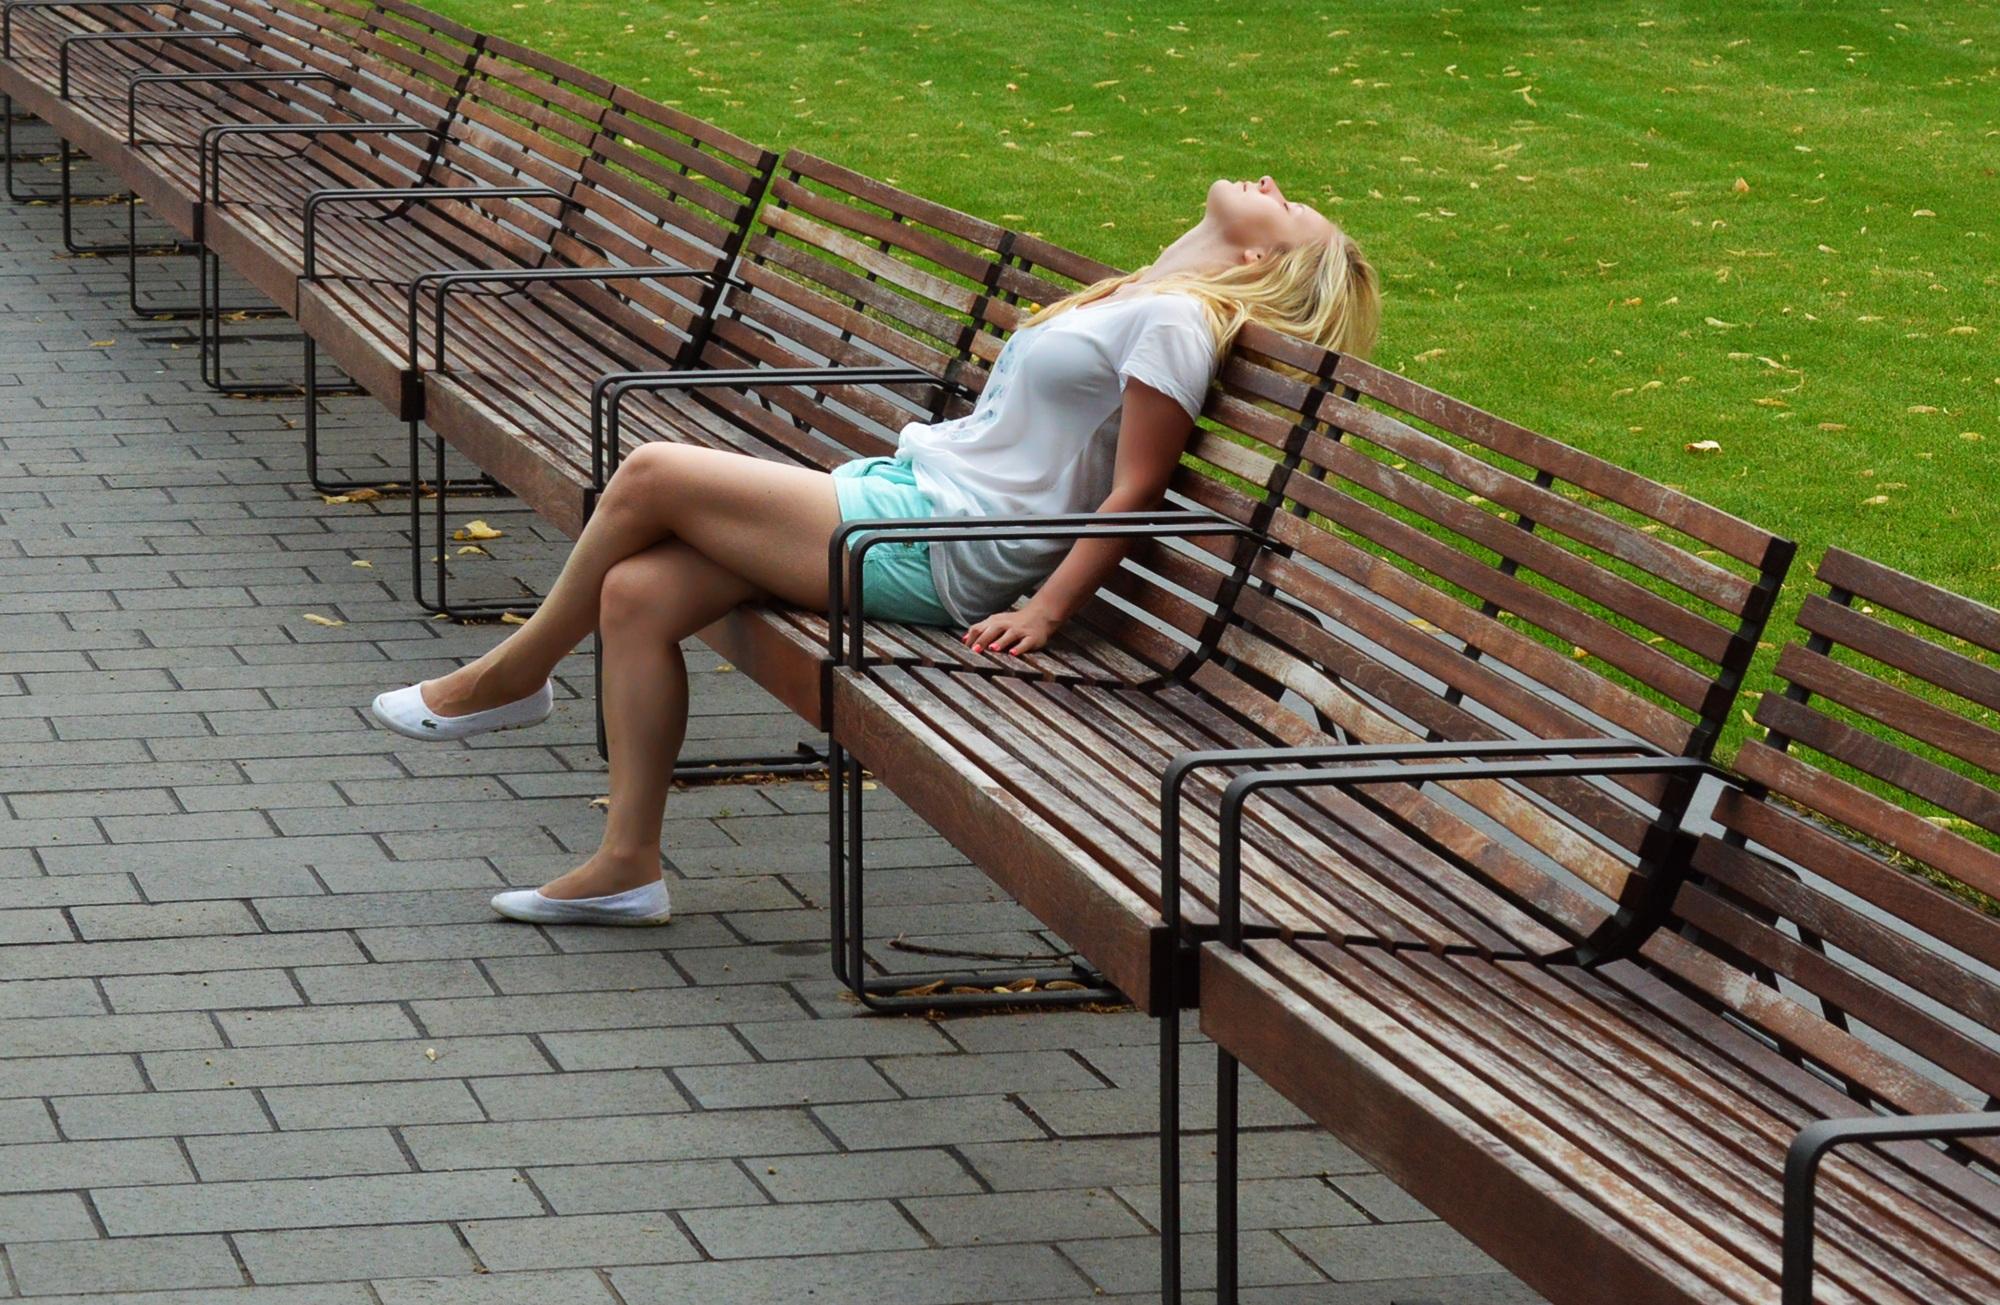 девушка на скамейке светит ножками - 13